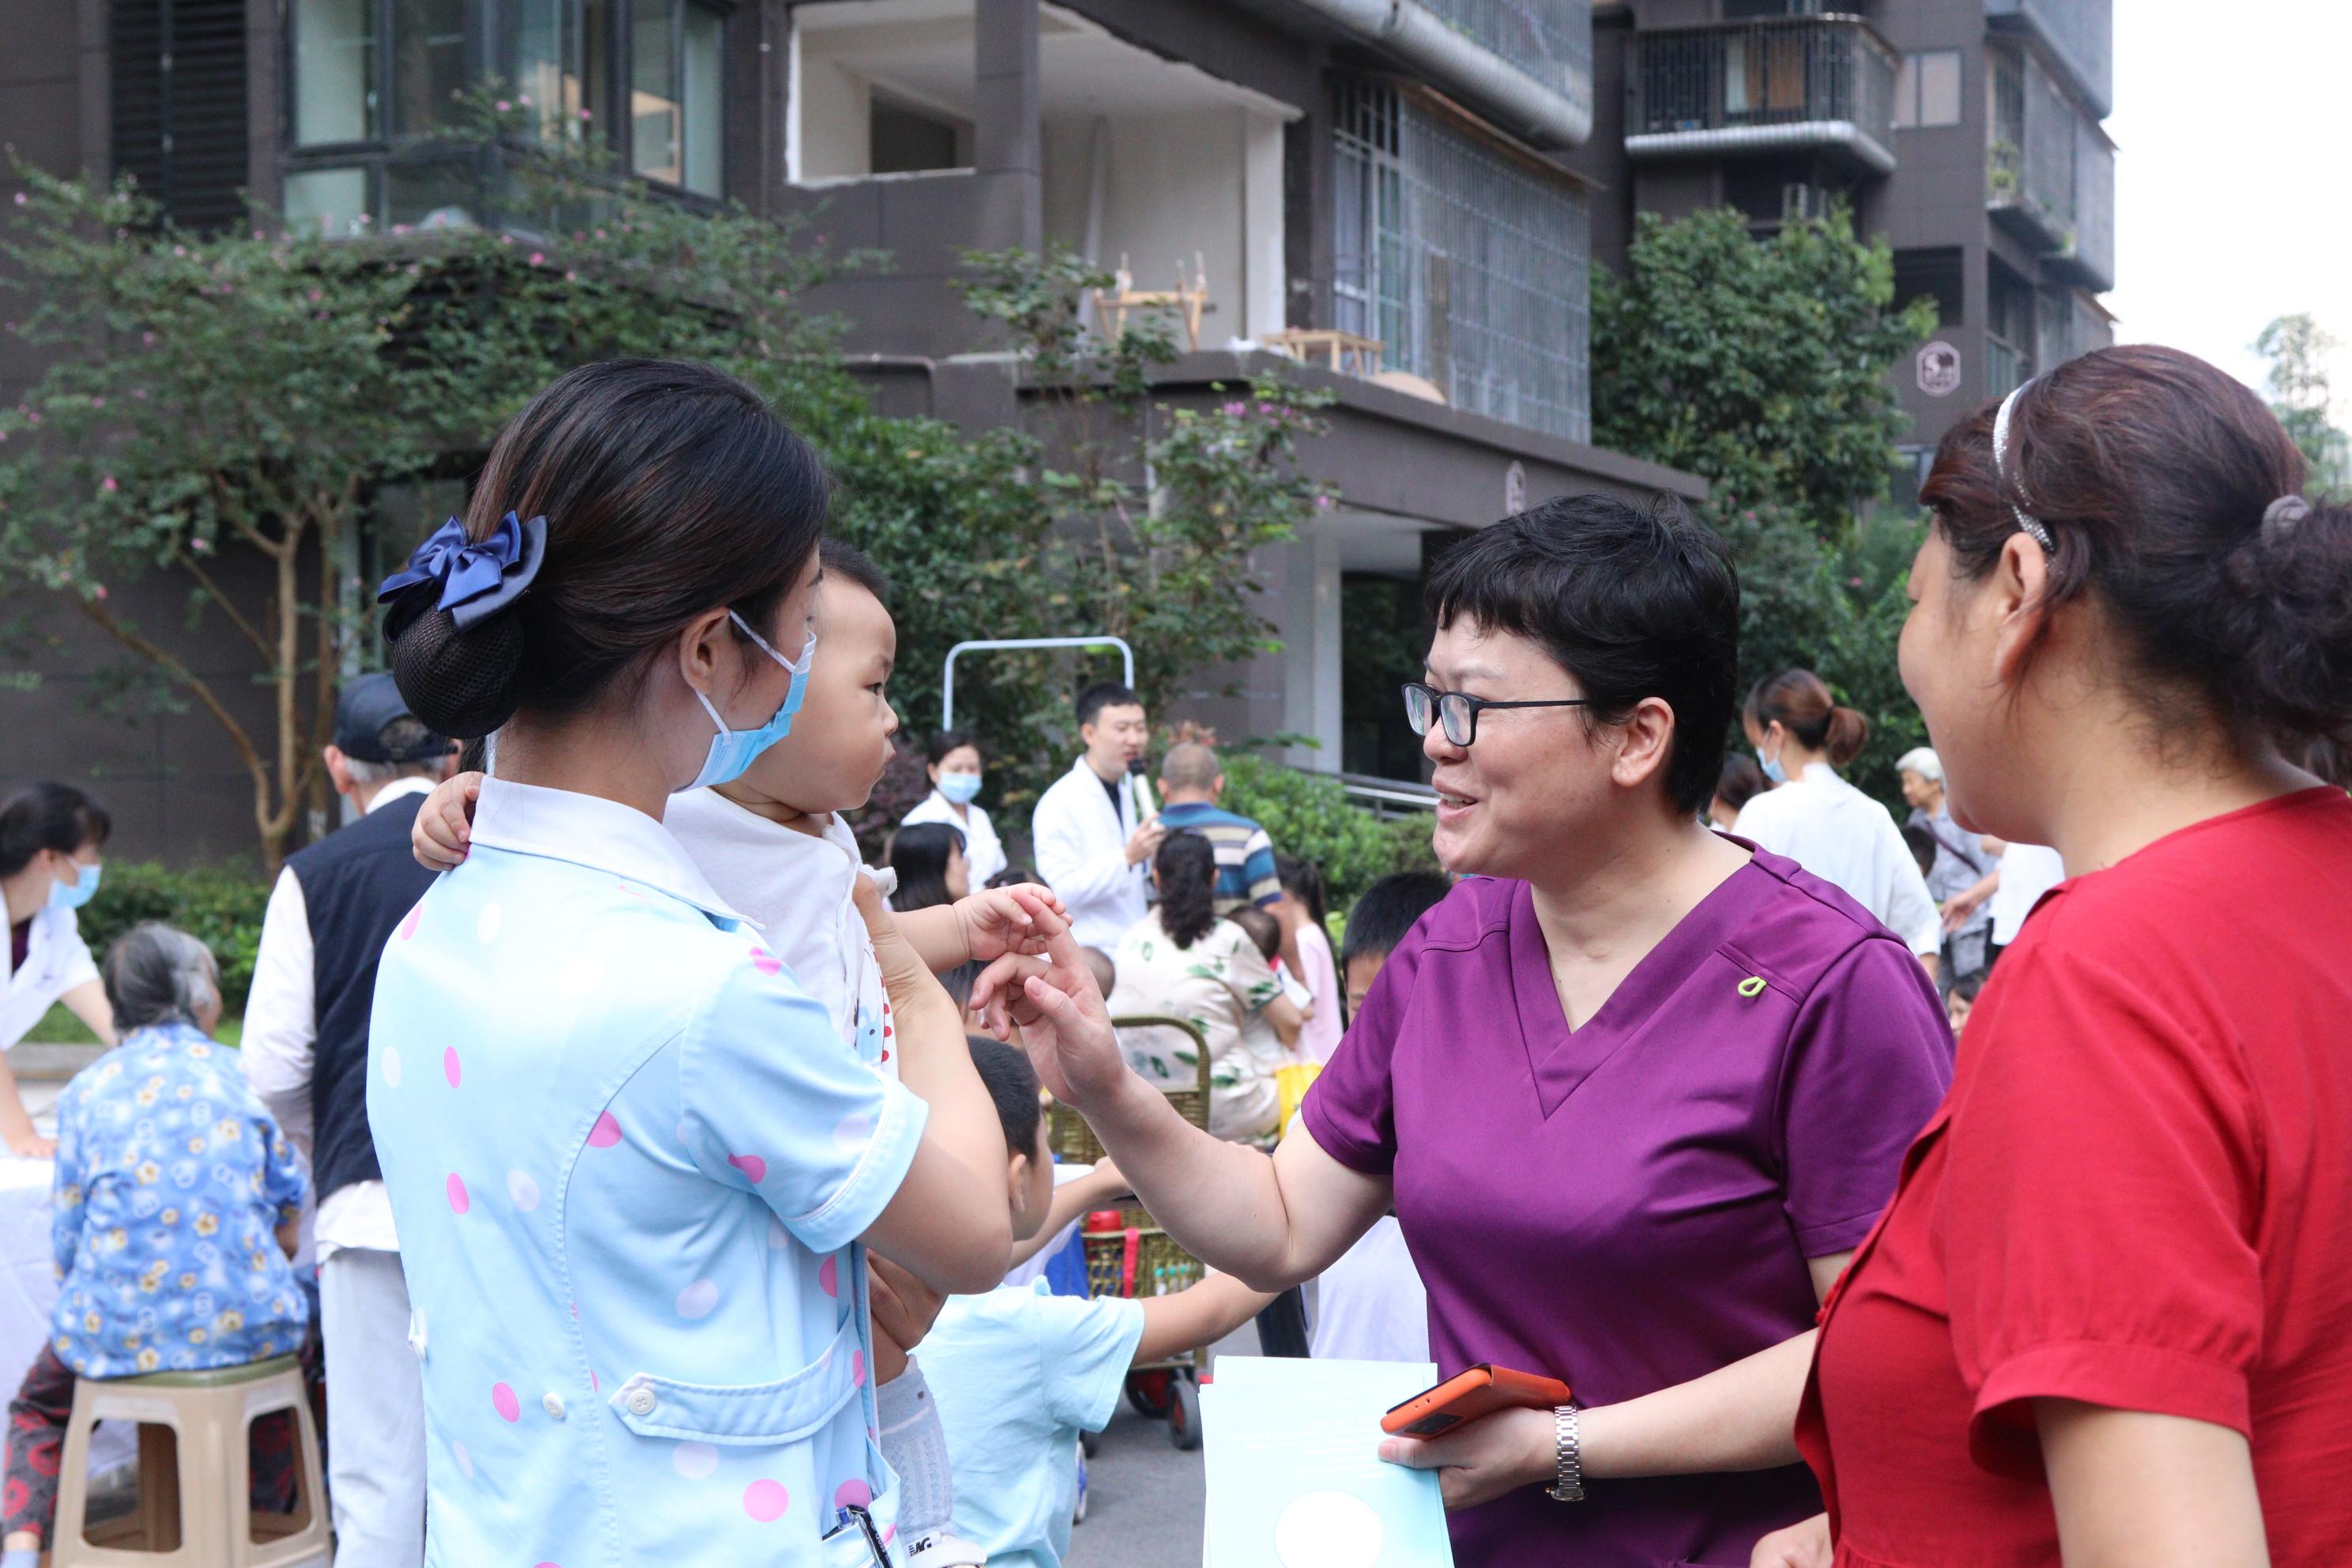 泸州领秀新城妇女儿童服务站成立并开展送健康公益活动